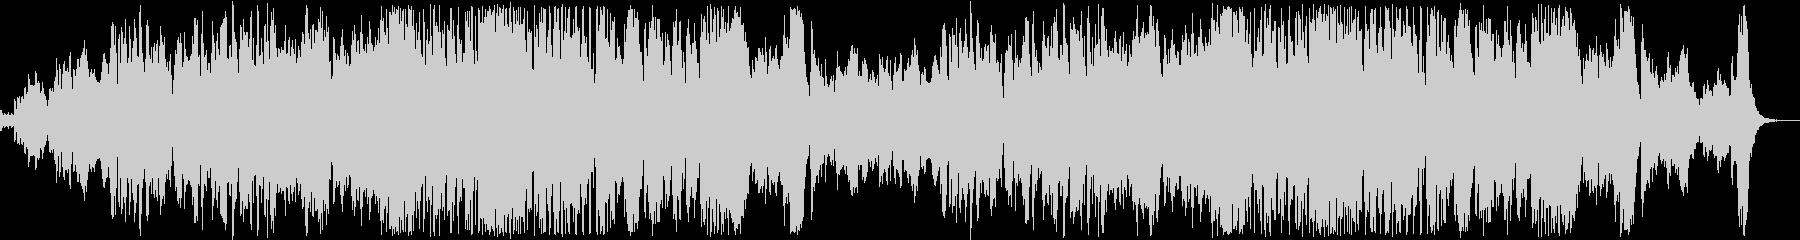 ゴースト演奏会の様なイメージ/ハロウィンの未再生の波形